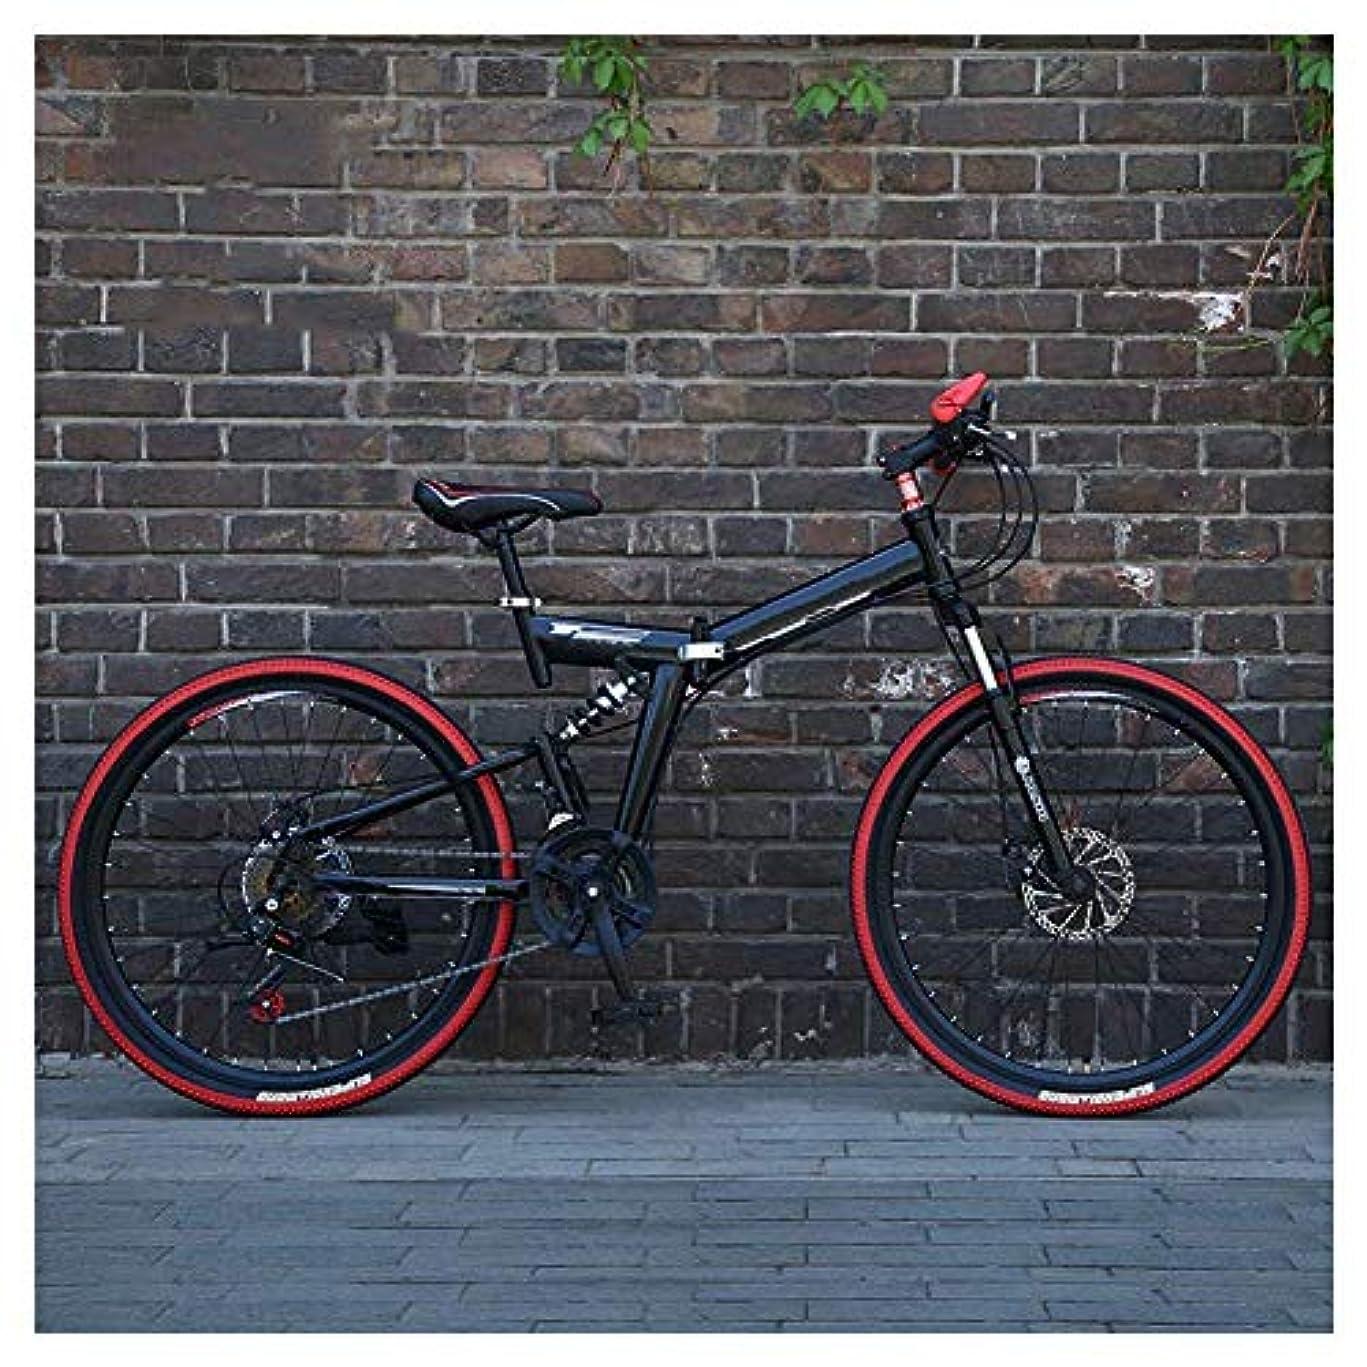 明らかにトマト医療過誤XUXUWA アウトドアスポーツダブルディスクブレーキ、ユニセックスで26インチのマウンテンバイク、高炭素鋼折りたたみフレーム、デュアル懸濁液、27スピード、 (Color : Black)